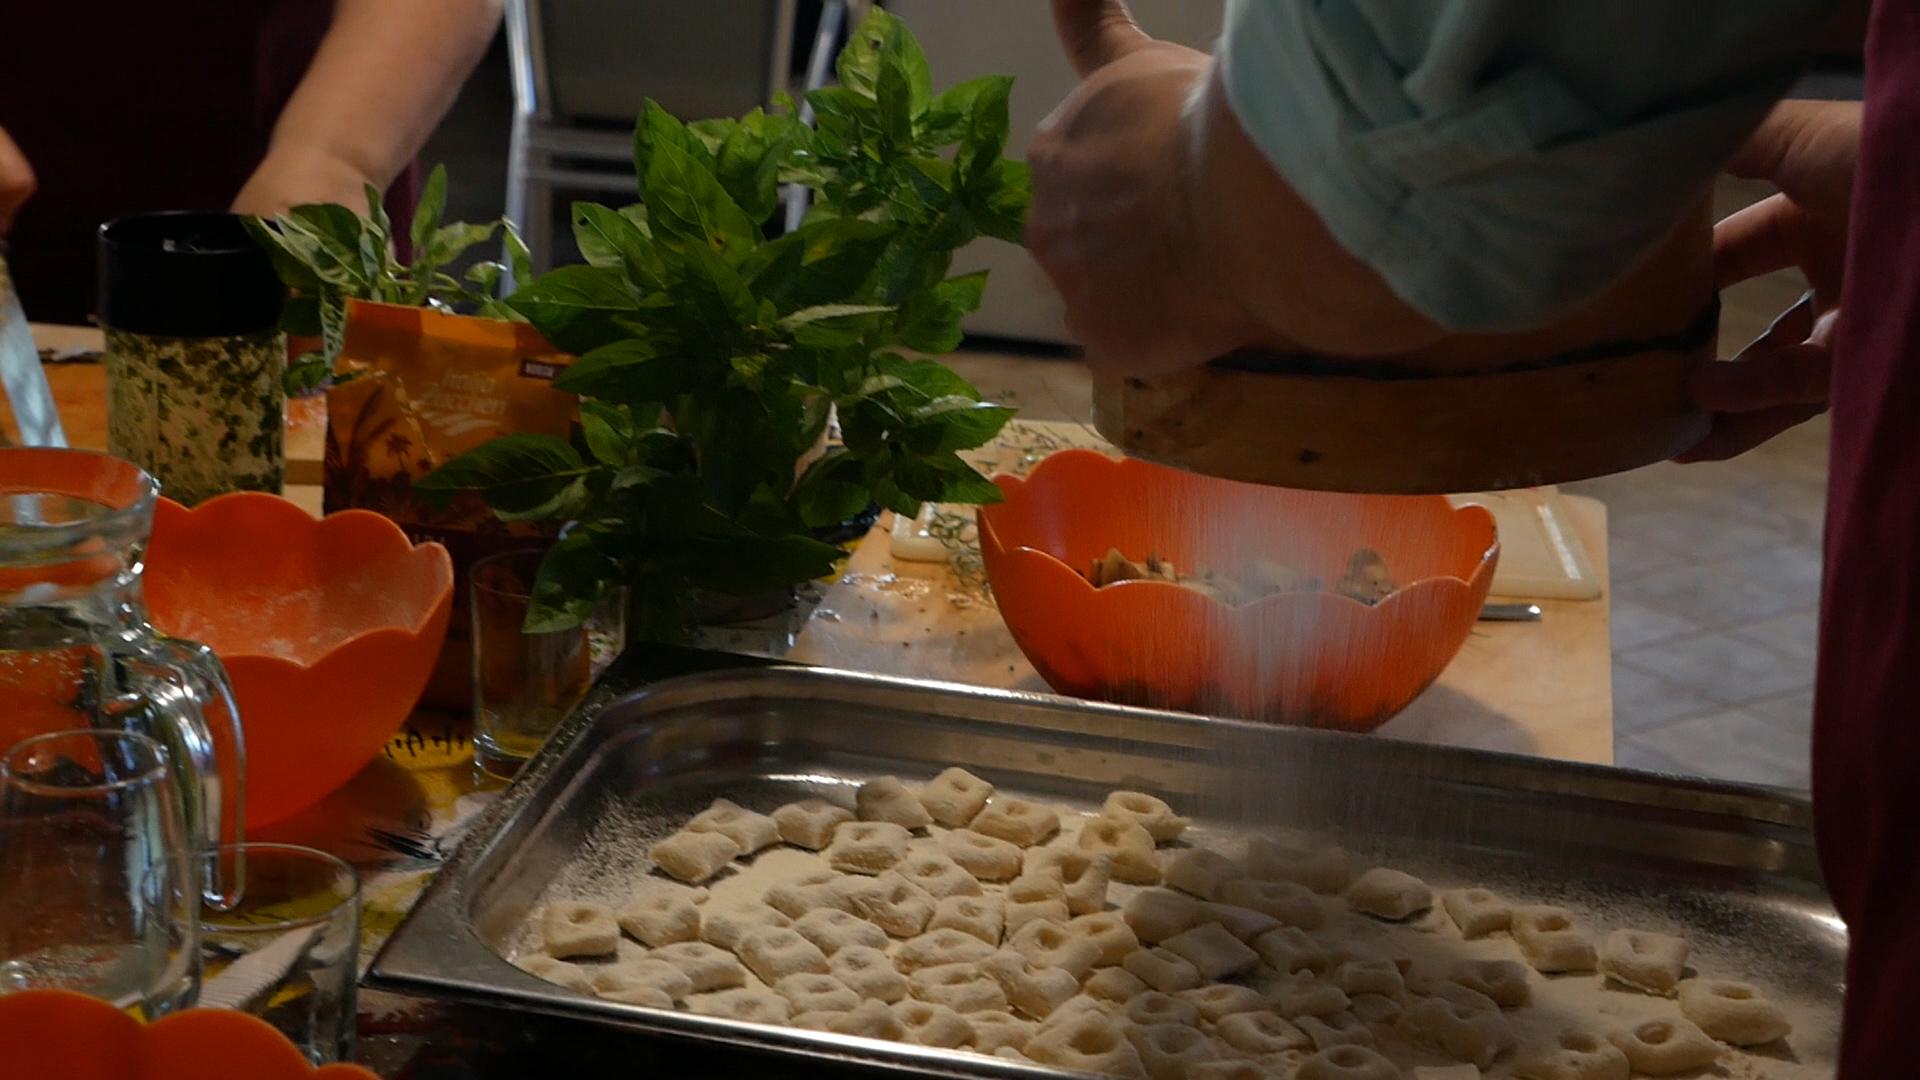 Esperienza sensoriale Assisi Tili Vini - Lezioni di cucina Umbra 3